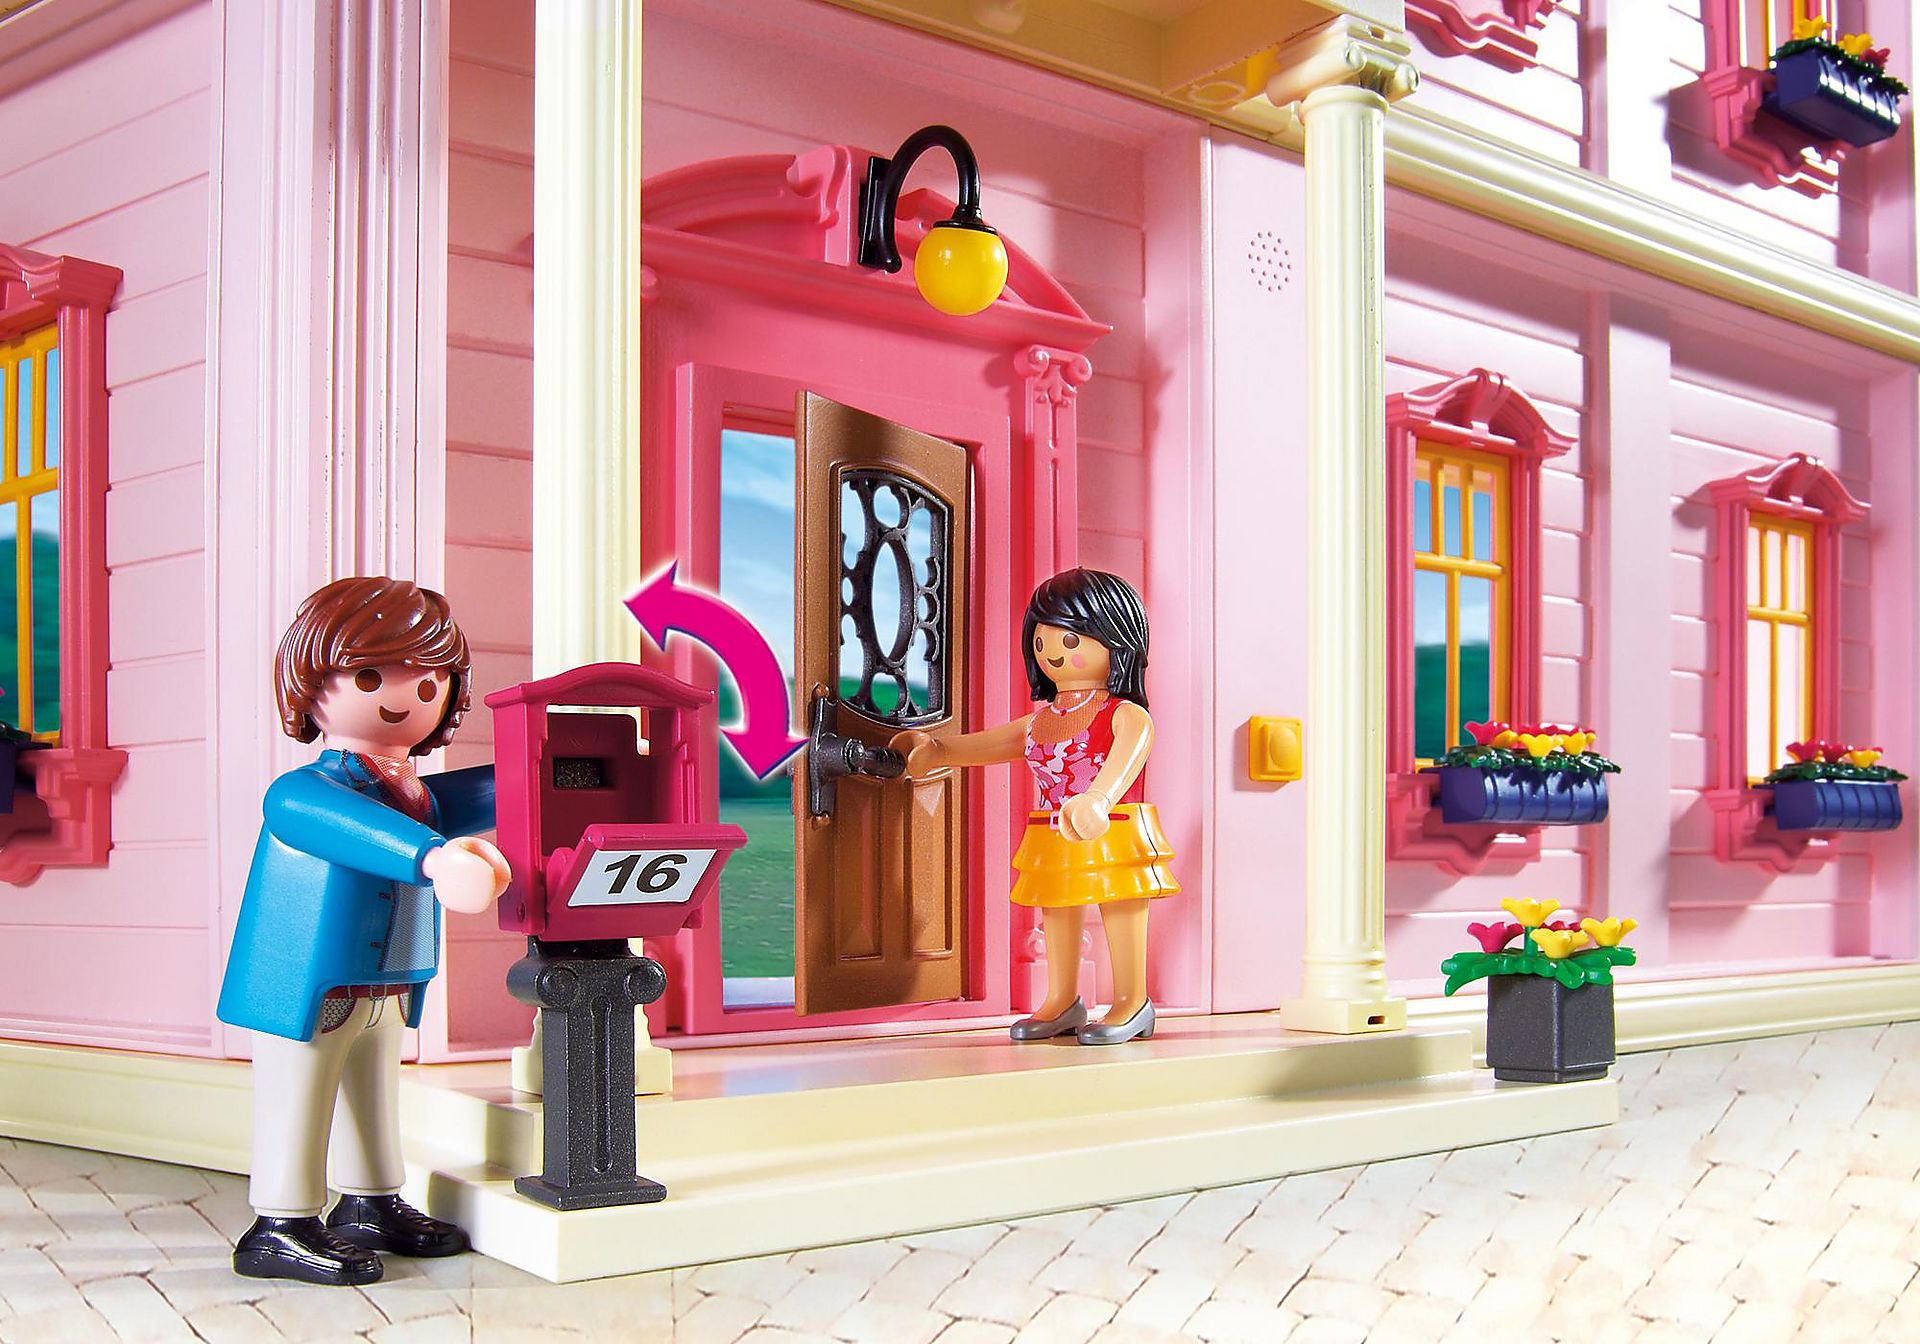 http://media.playmobil.com/i/playmobil/5303_product_extra1/Πολυτελές Κουκλόσπιτο